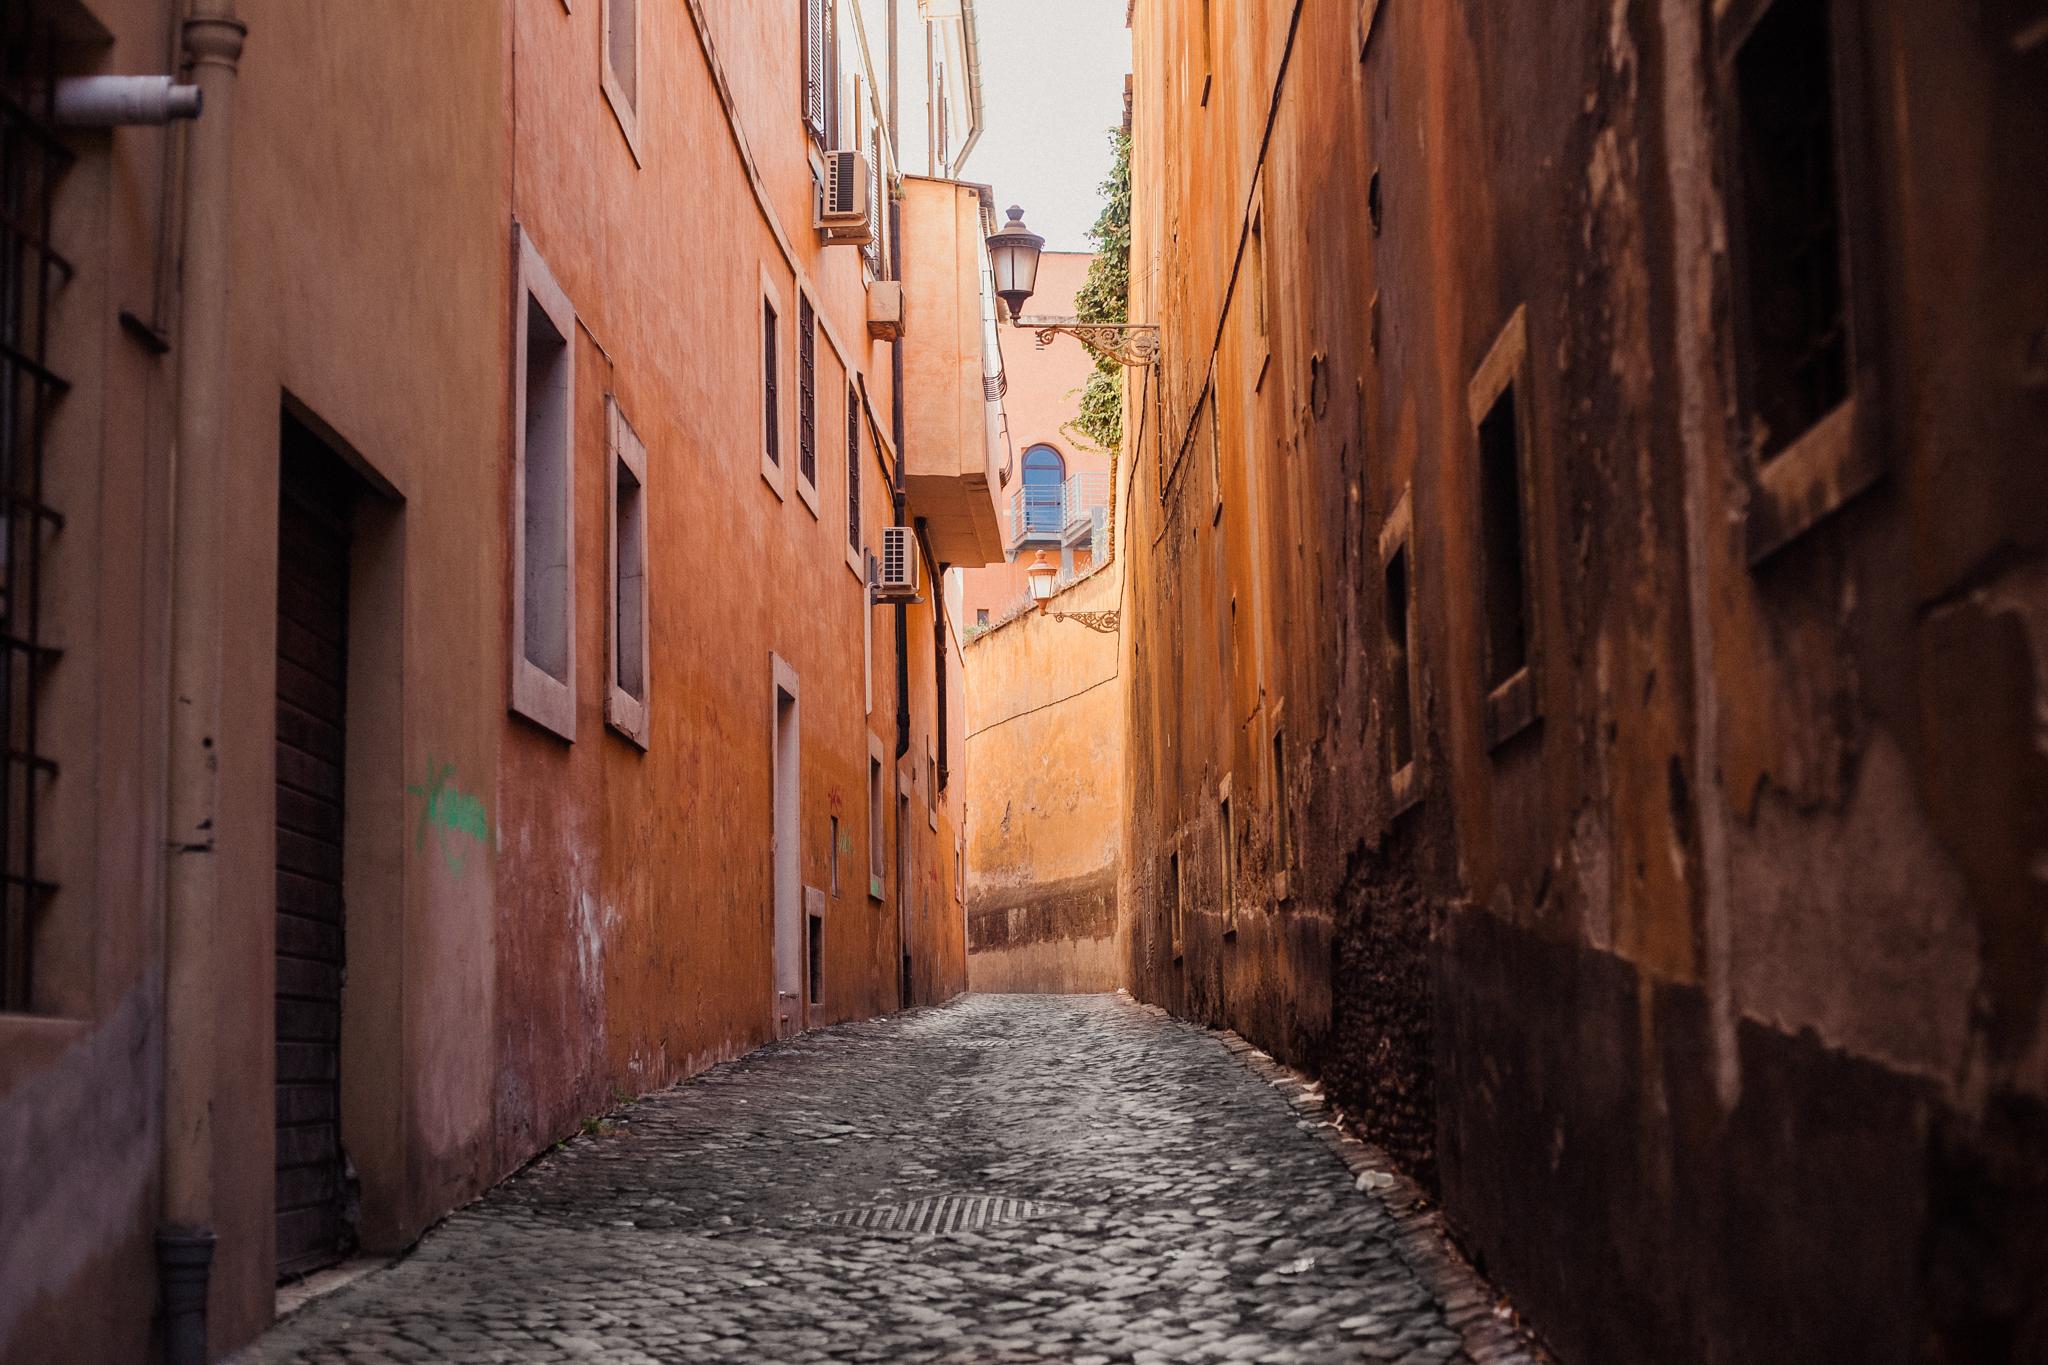 Firenze (2) Originals_328_blog_2048